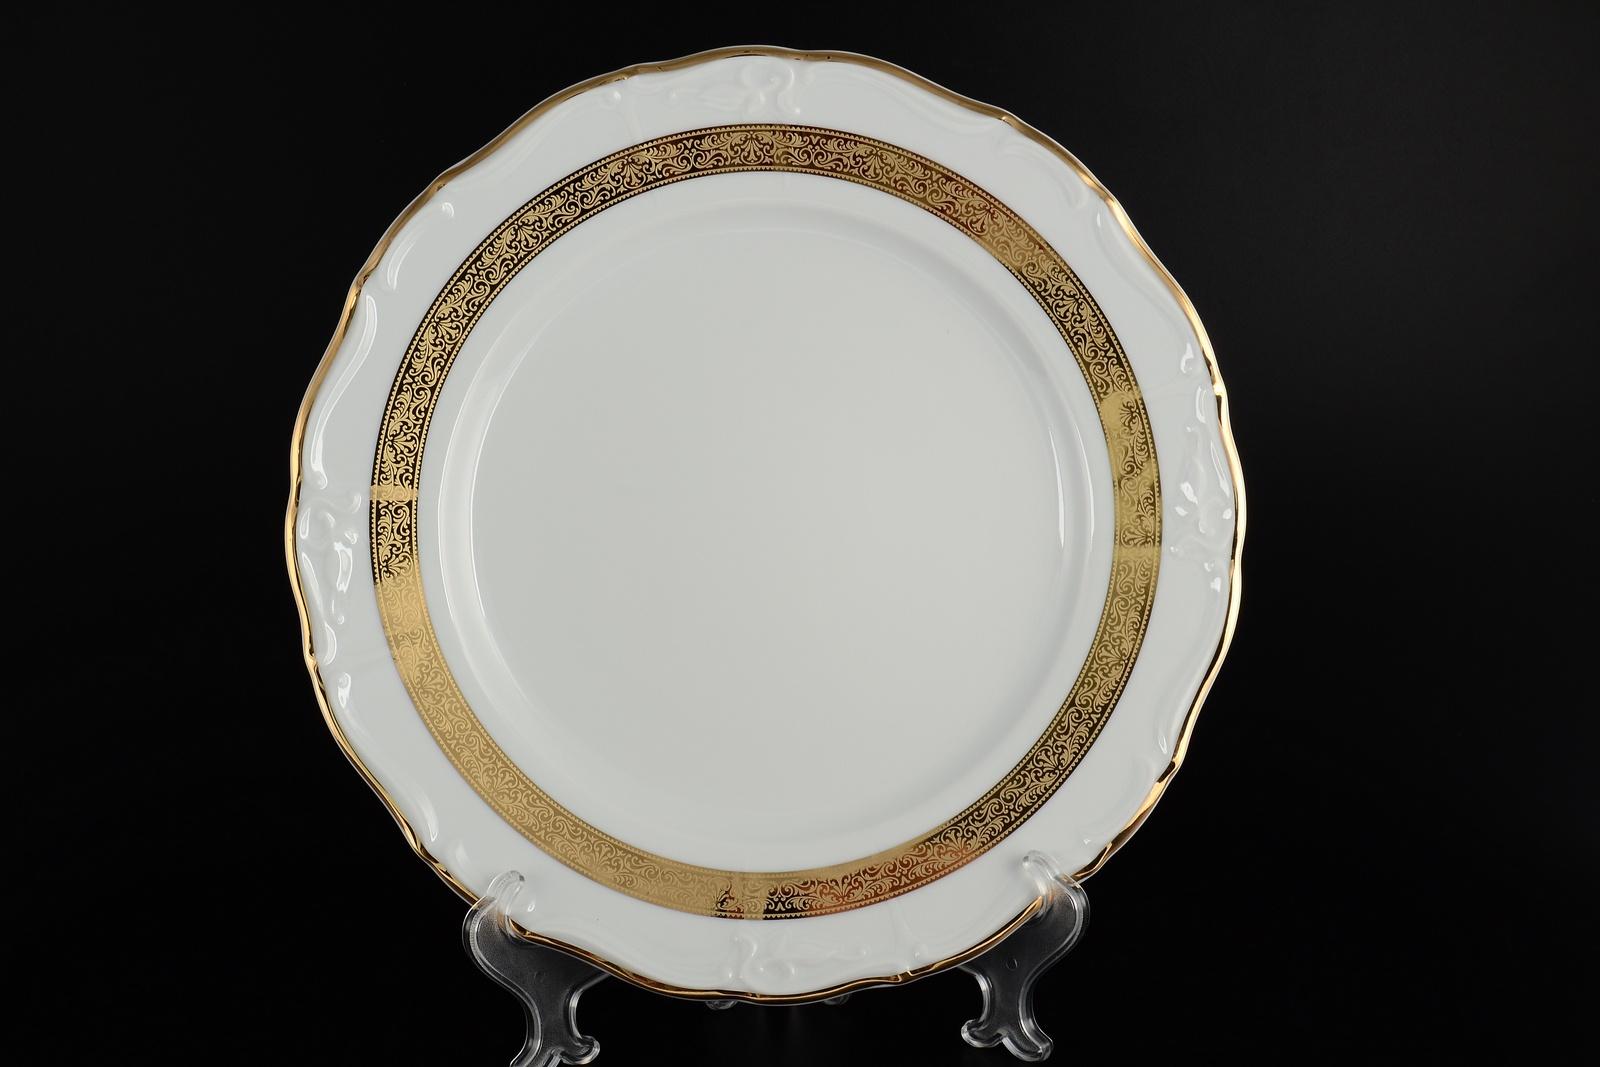 """Блюдо круглое Thun """"Мария Луиза. Золотая лента"""", 21581, 30 см"""